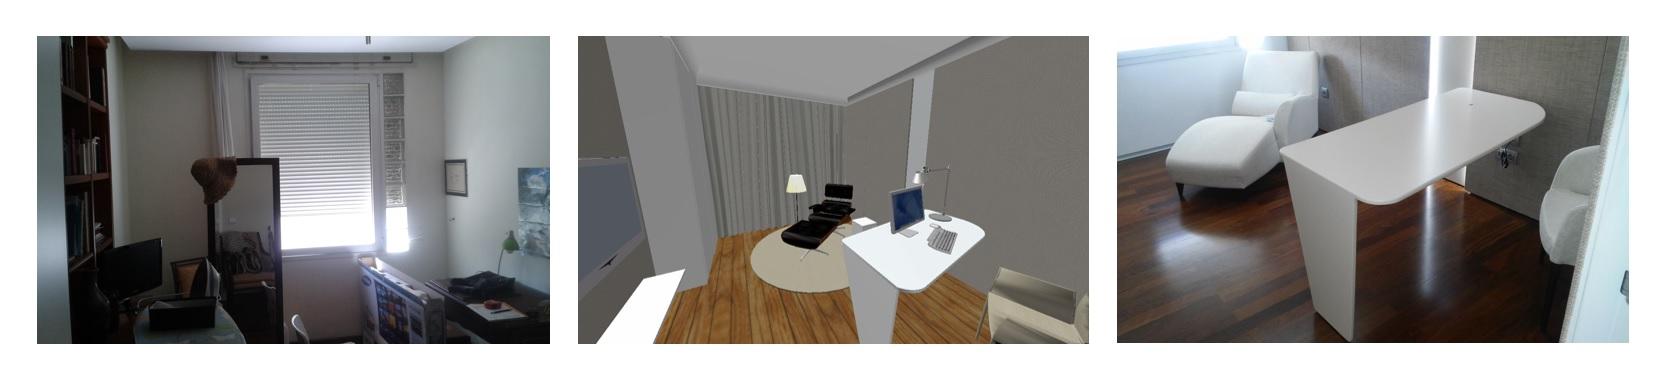 diseño de interiores cadiz, interiorismo cadiz